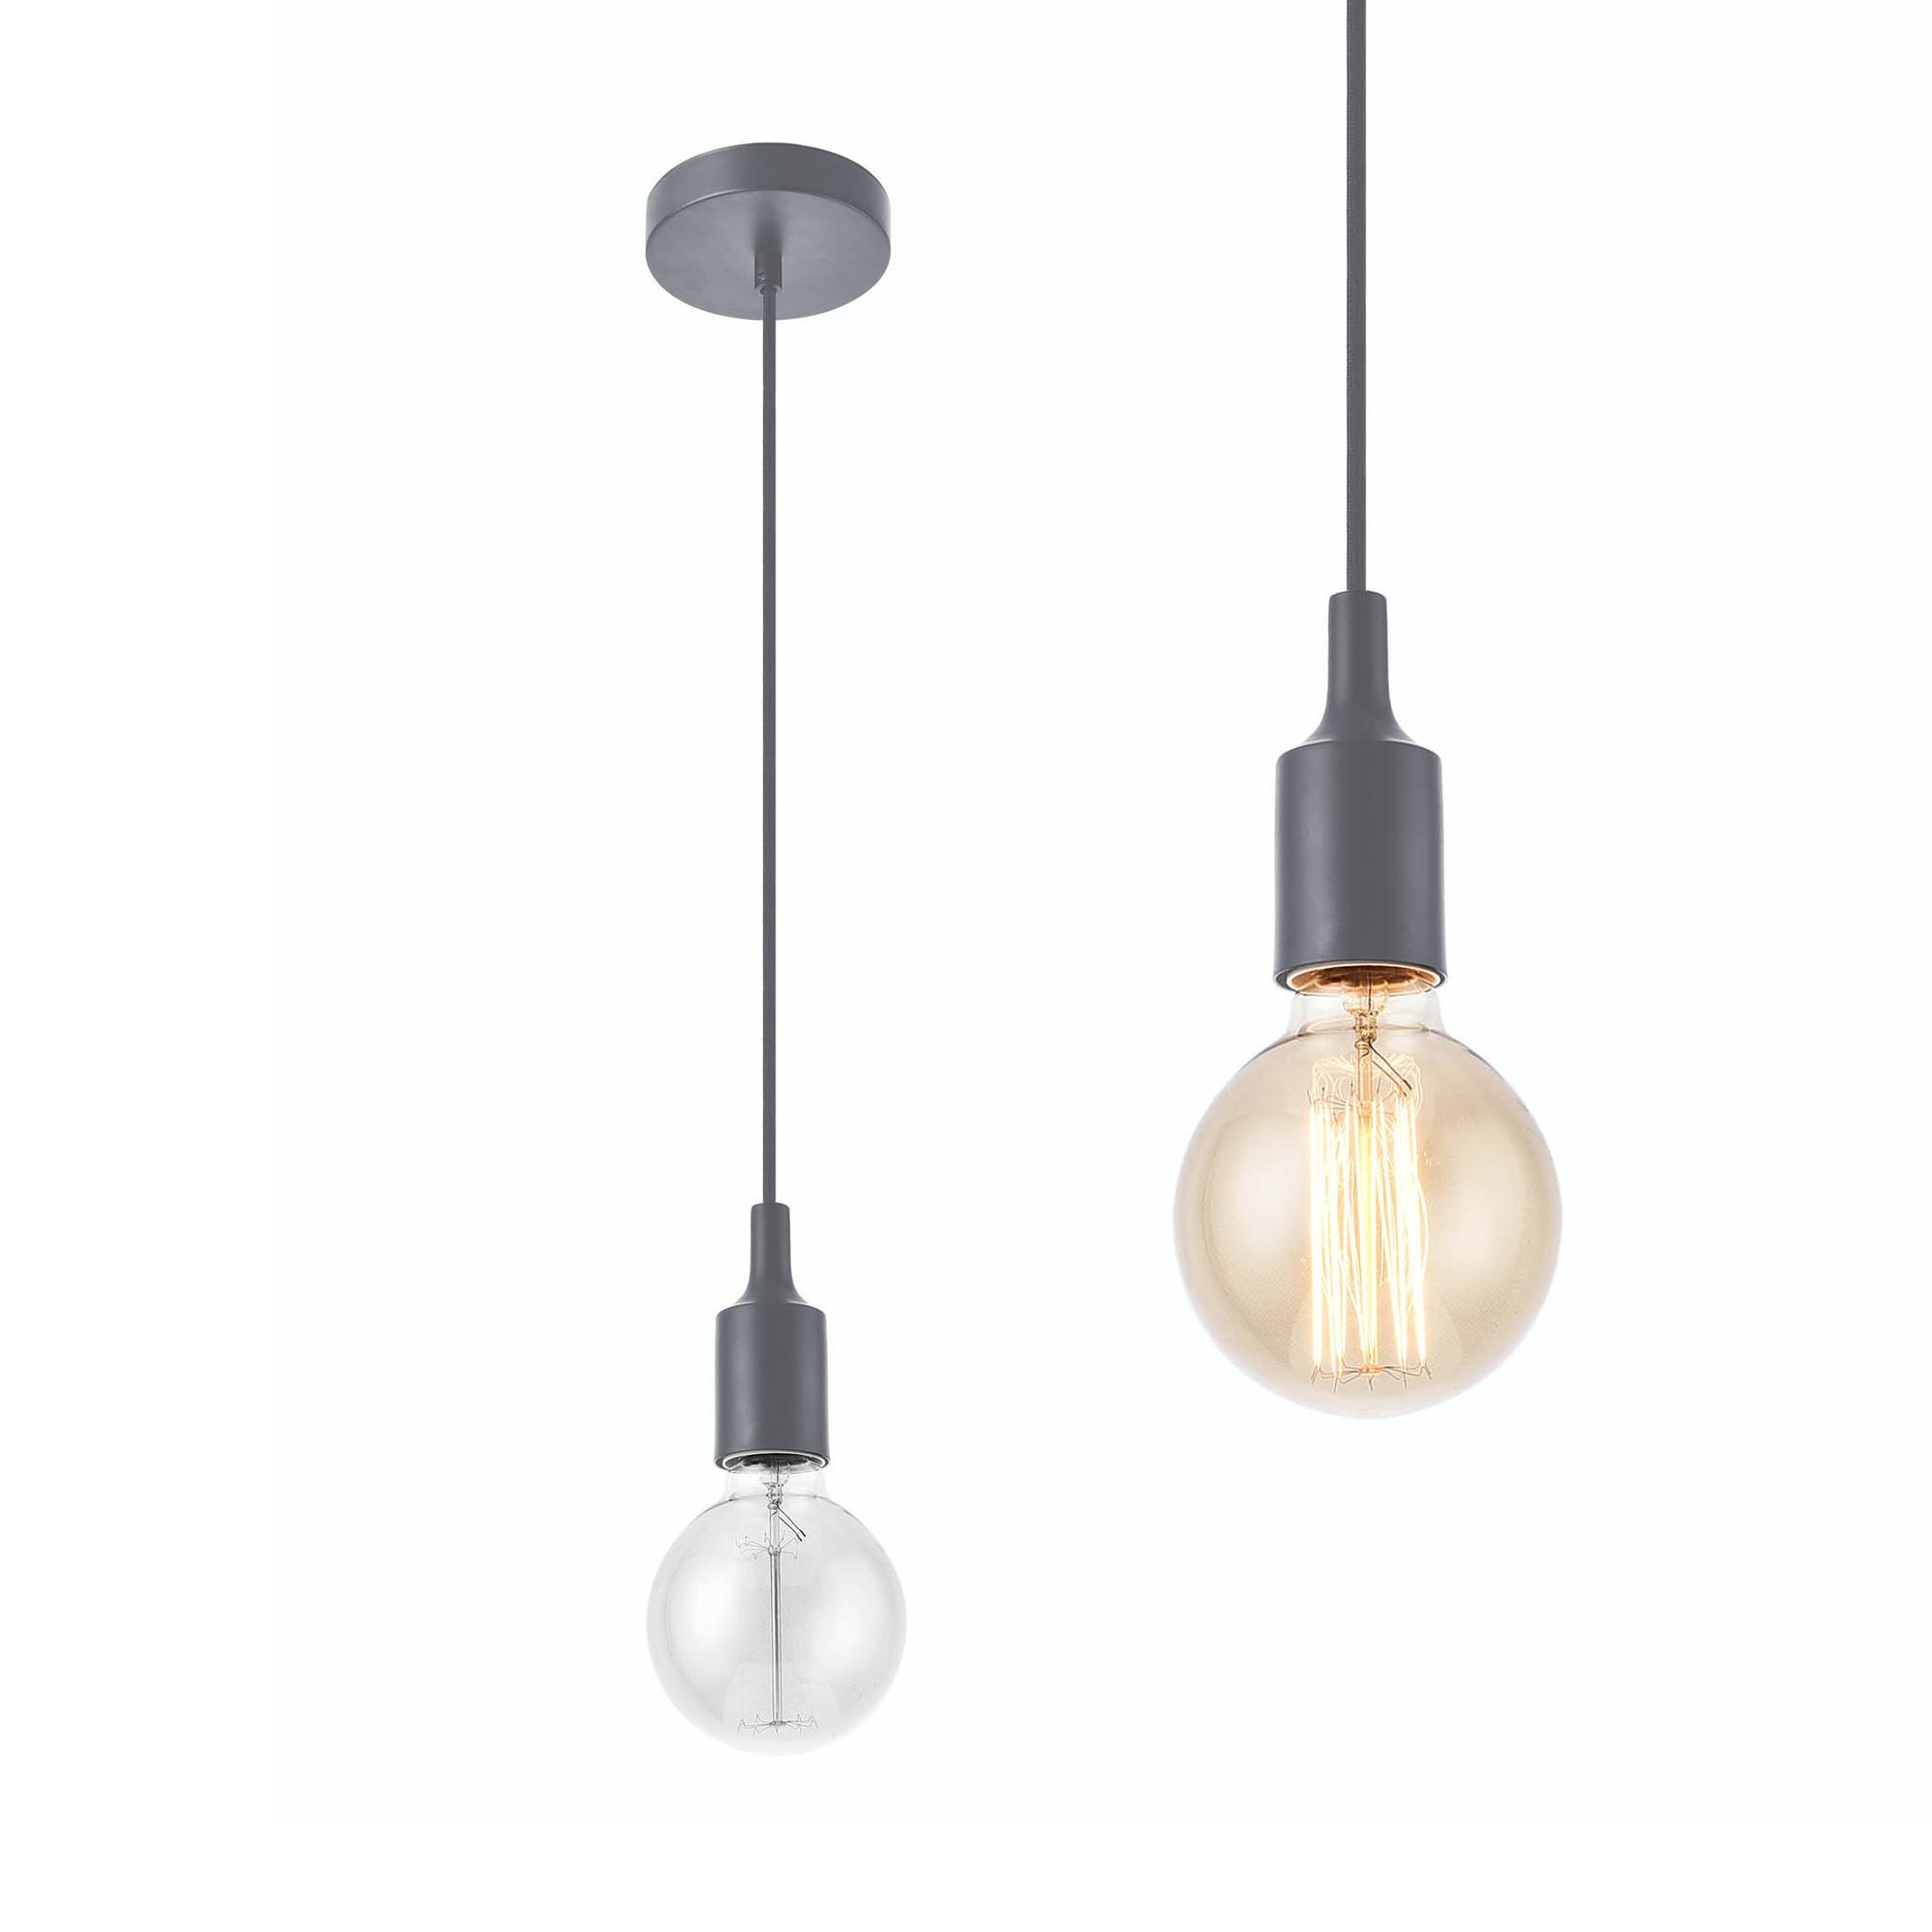 [lux.pro]® Dekoratívní designové závěsné svítidlo / stropní svítidlo - šedé (1 x E27)